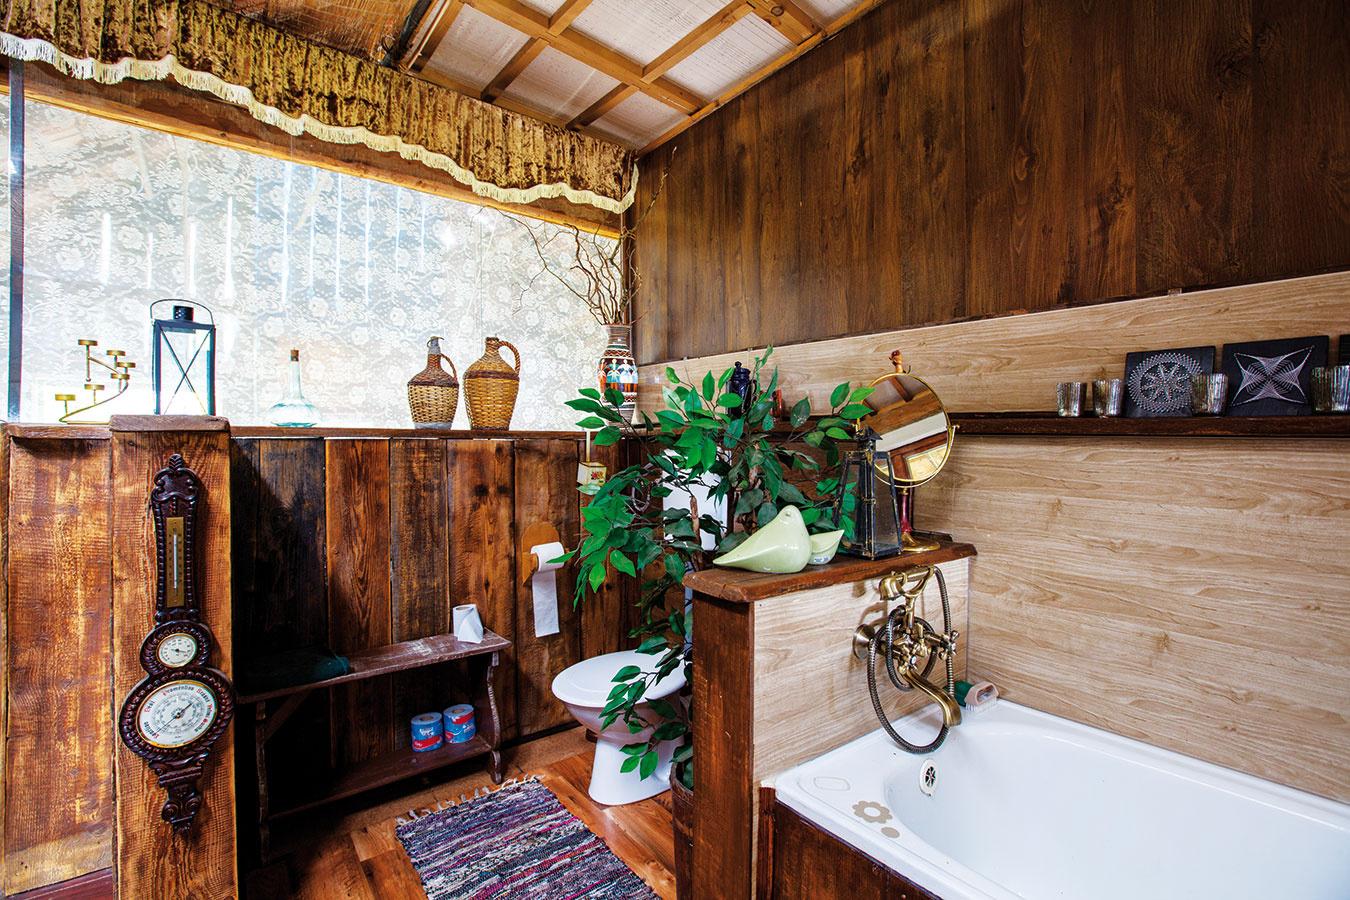 ZBÝVALÉHO PÔJDU sa stala otvorená galéria so spálňou apríručnou kúpeľňou.